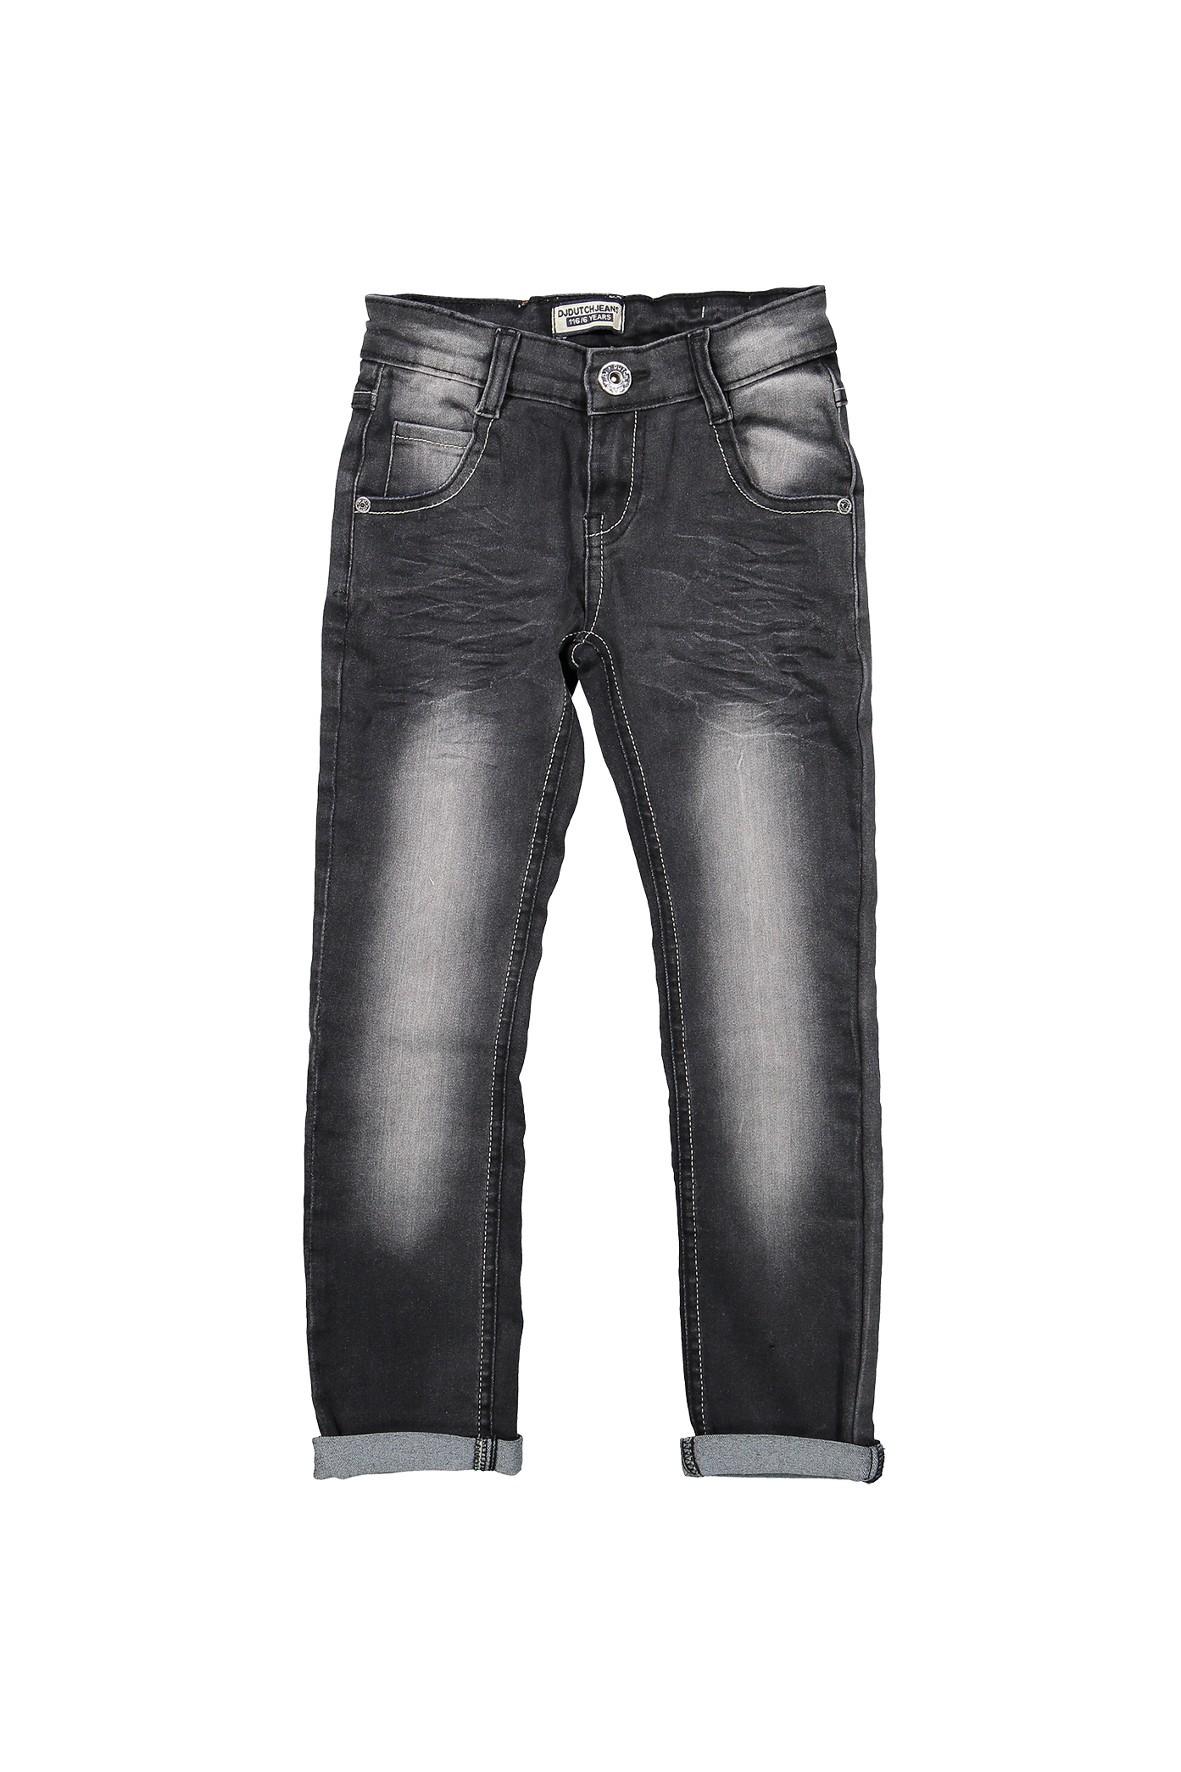 Spodnie chłopięce roz 104